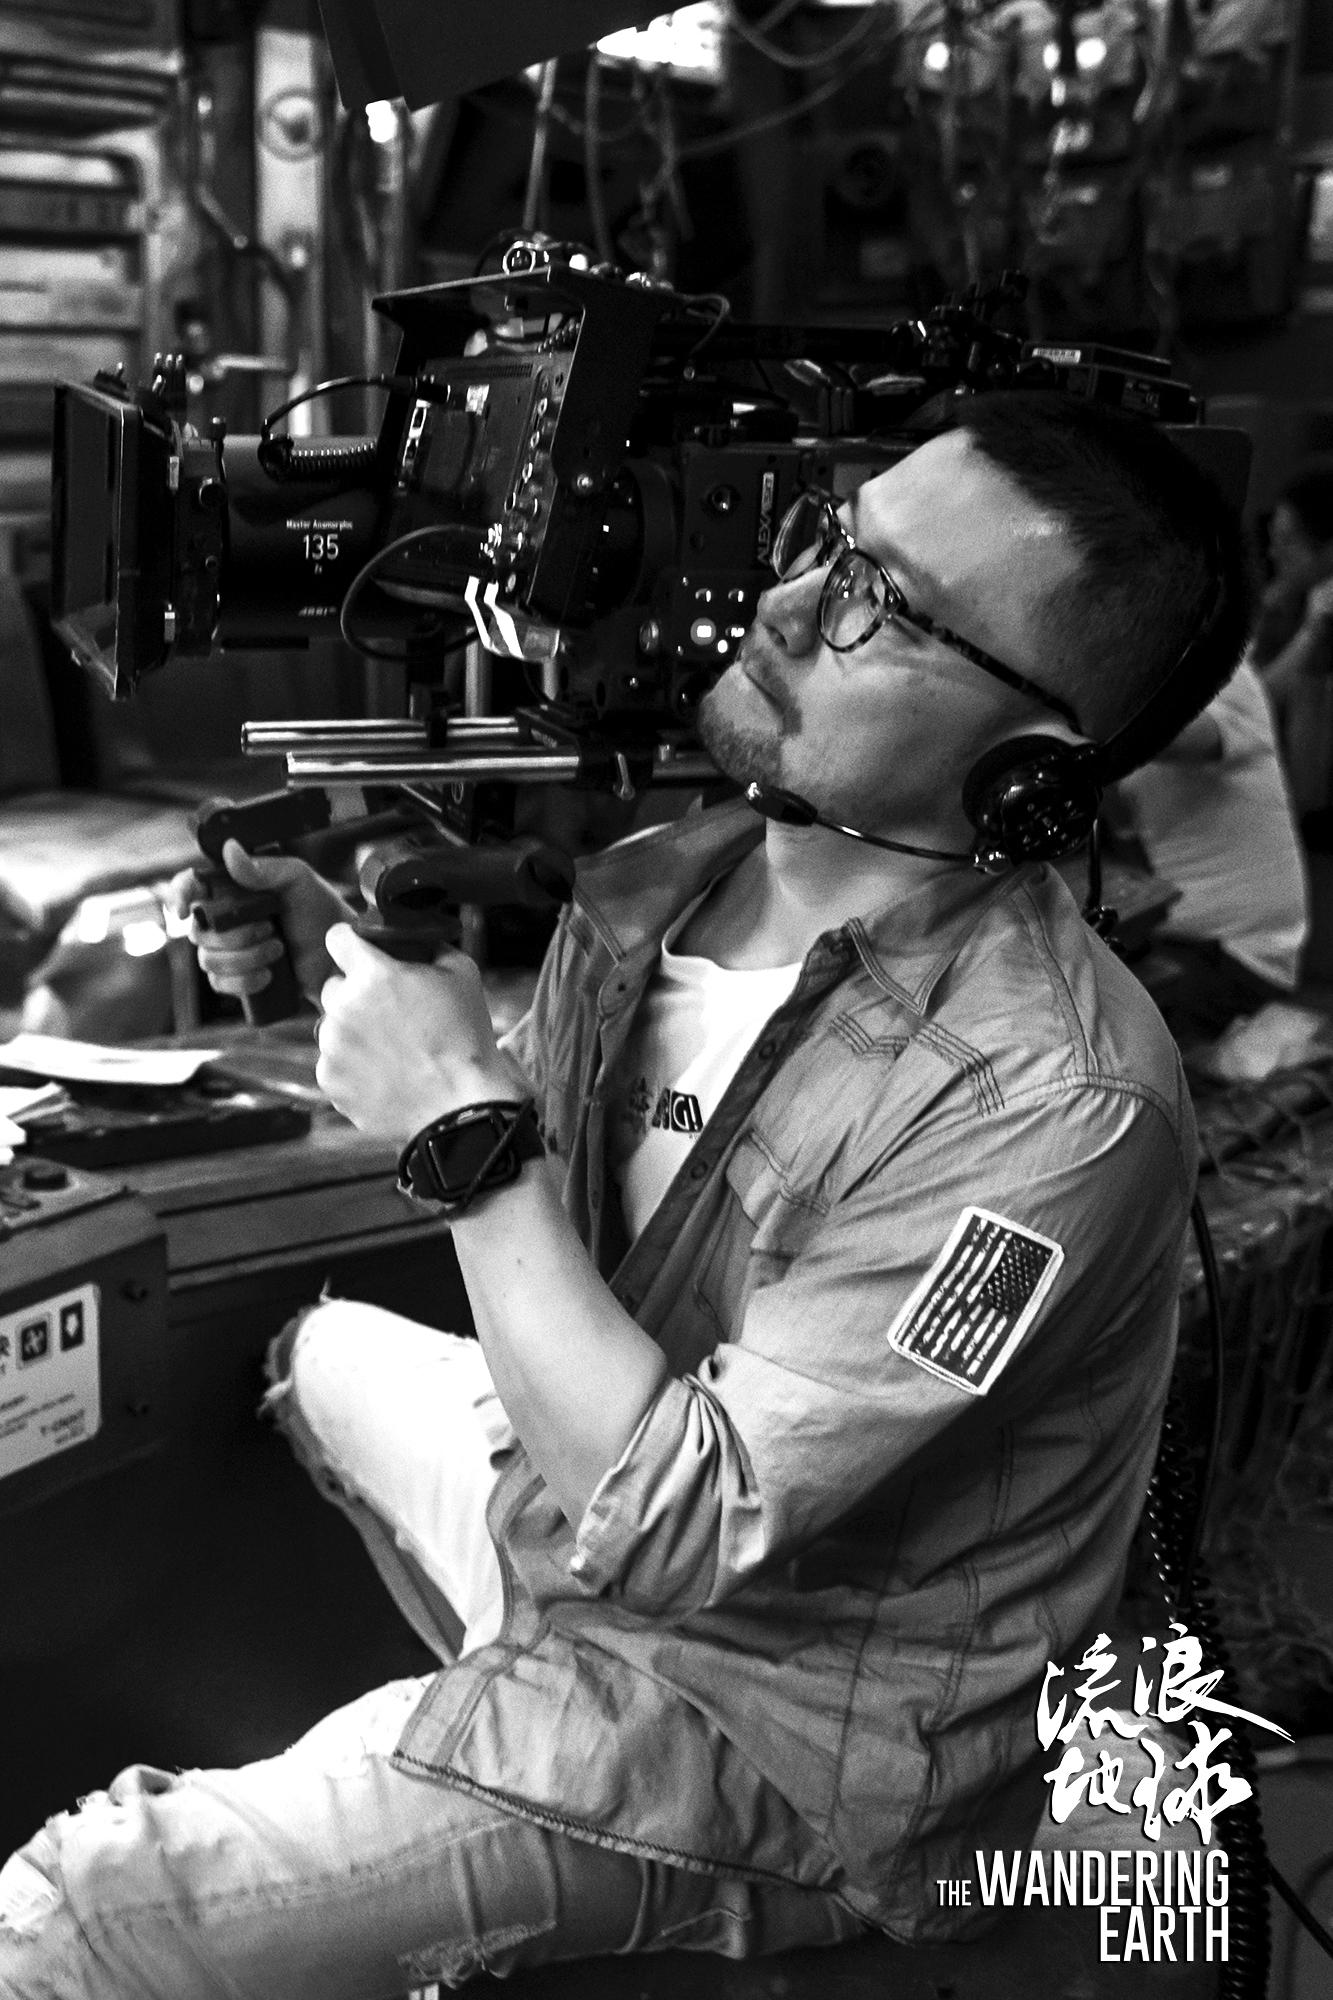 《流浪地球》缘何被誉为抗衡好莱坞的工业电影,东方影都功不可没